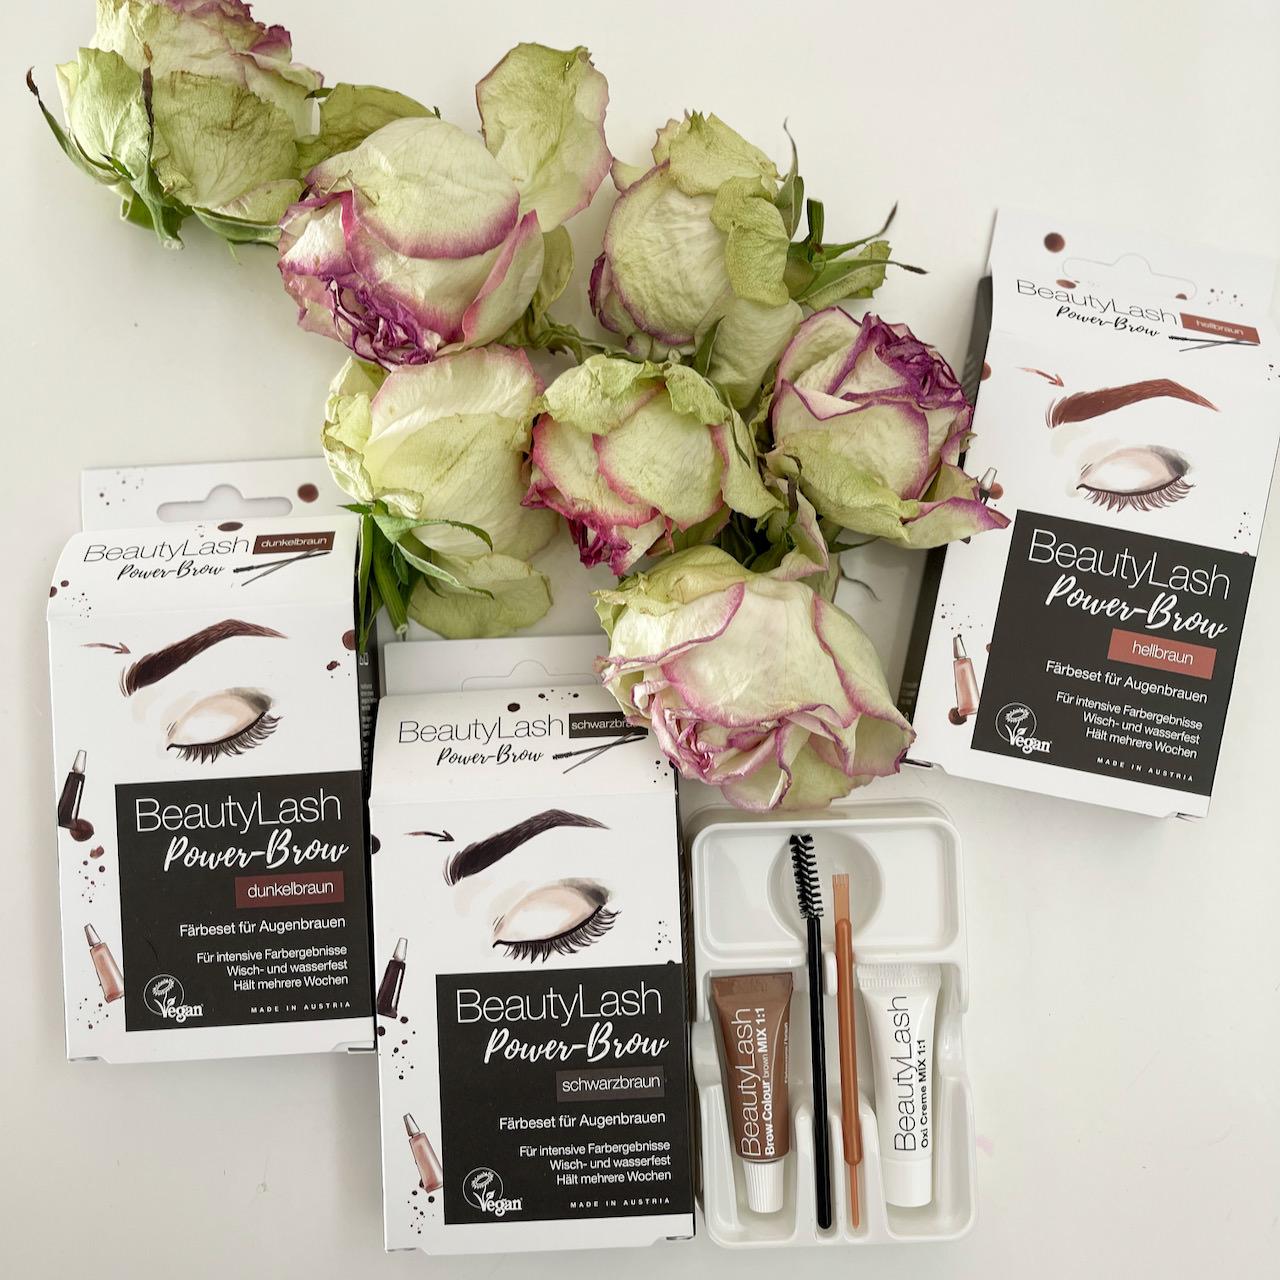 Power Brow von BeautyLash - Augenbrauen färben wie die Profis und das von daheim aus.